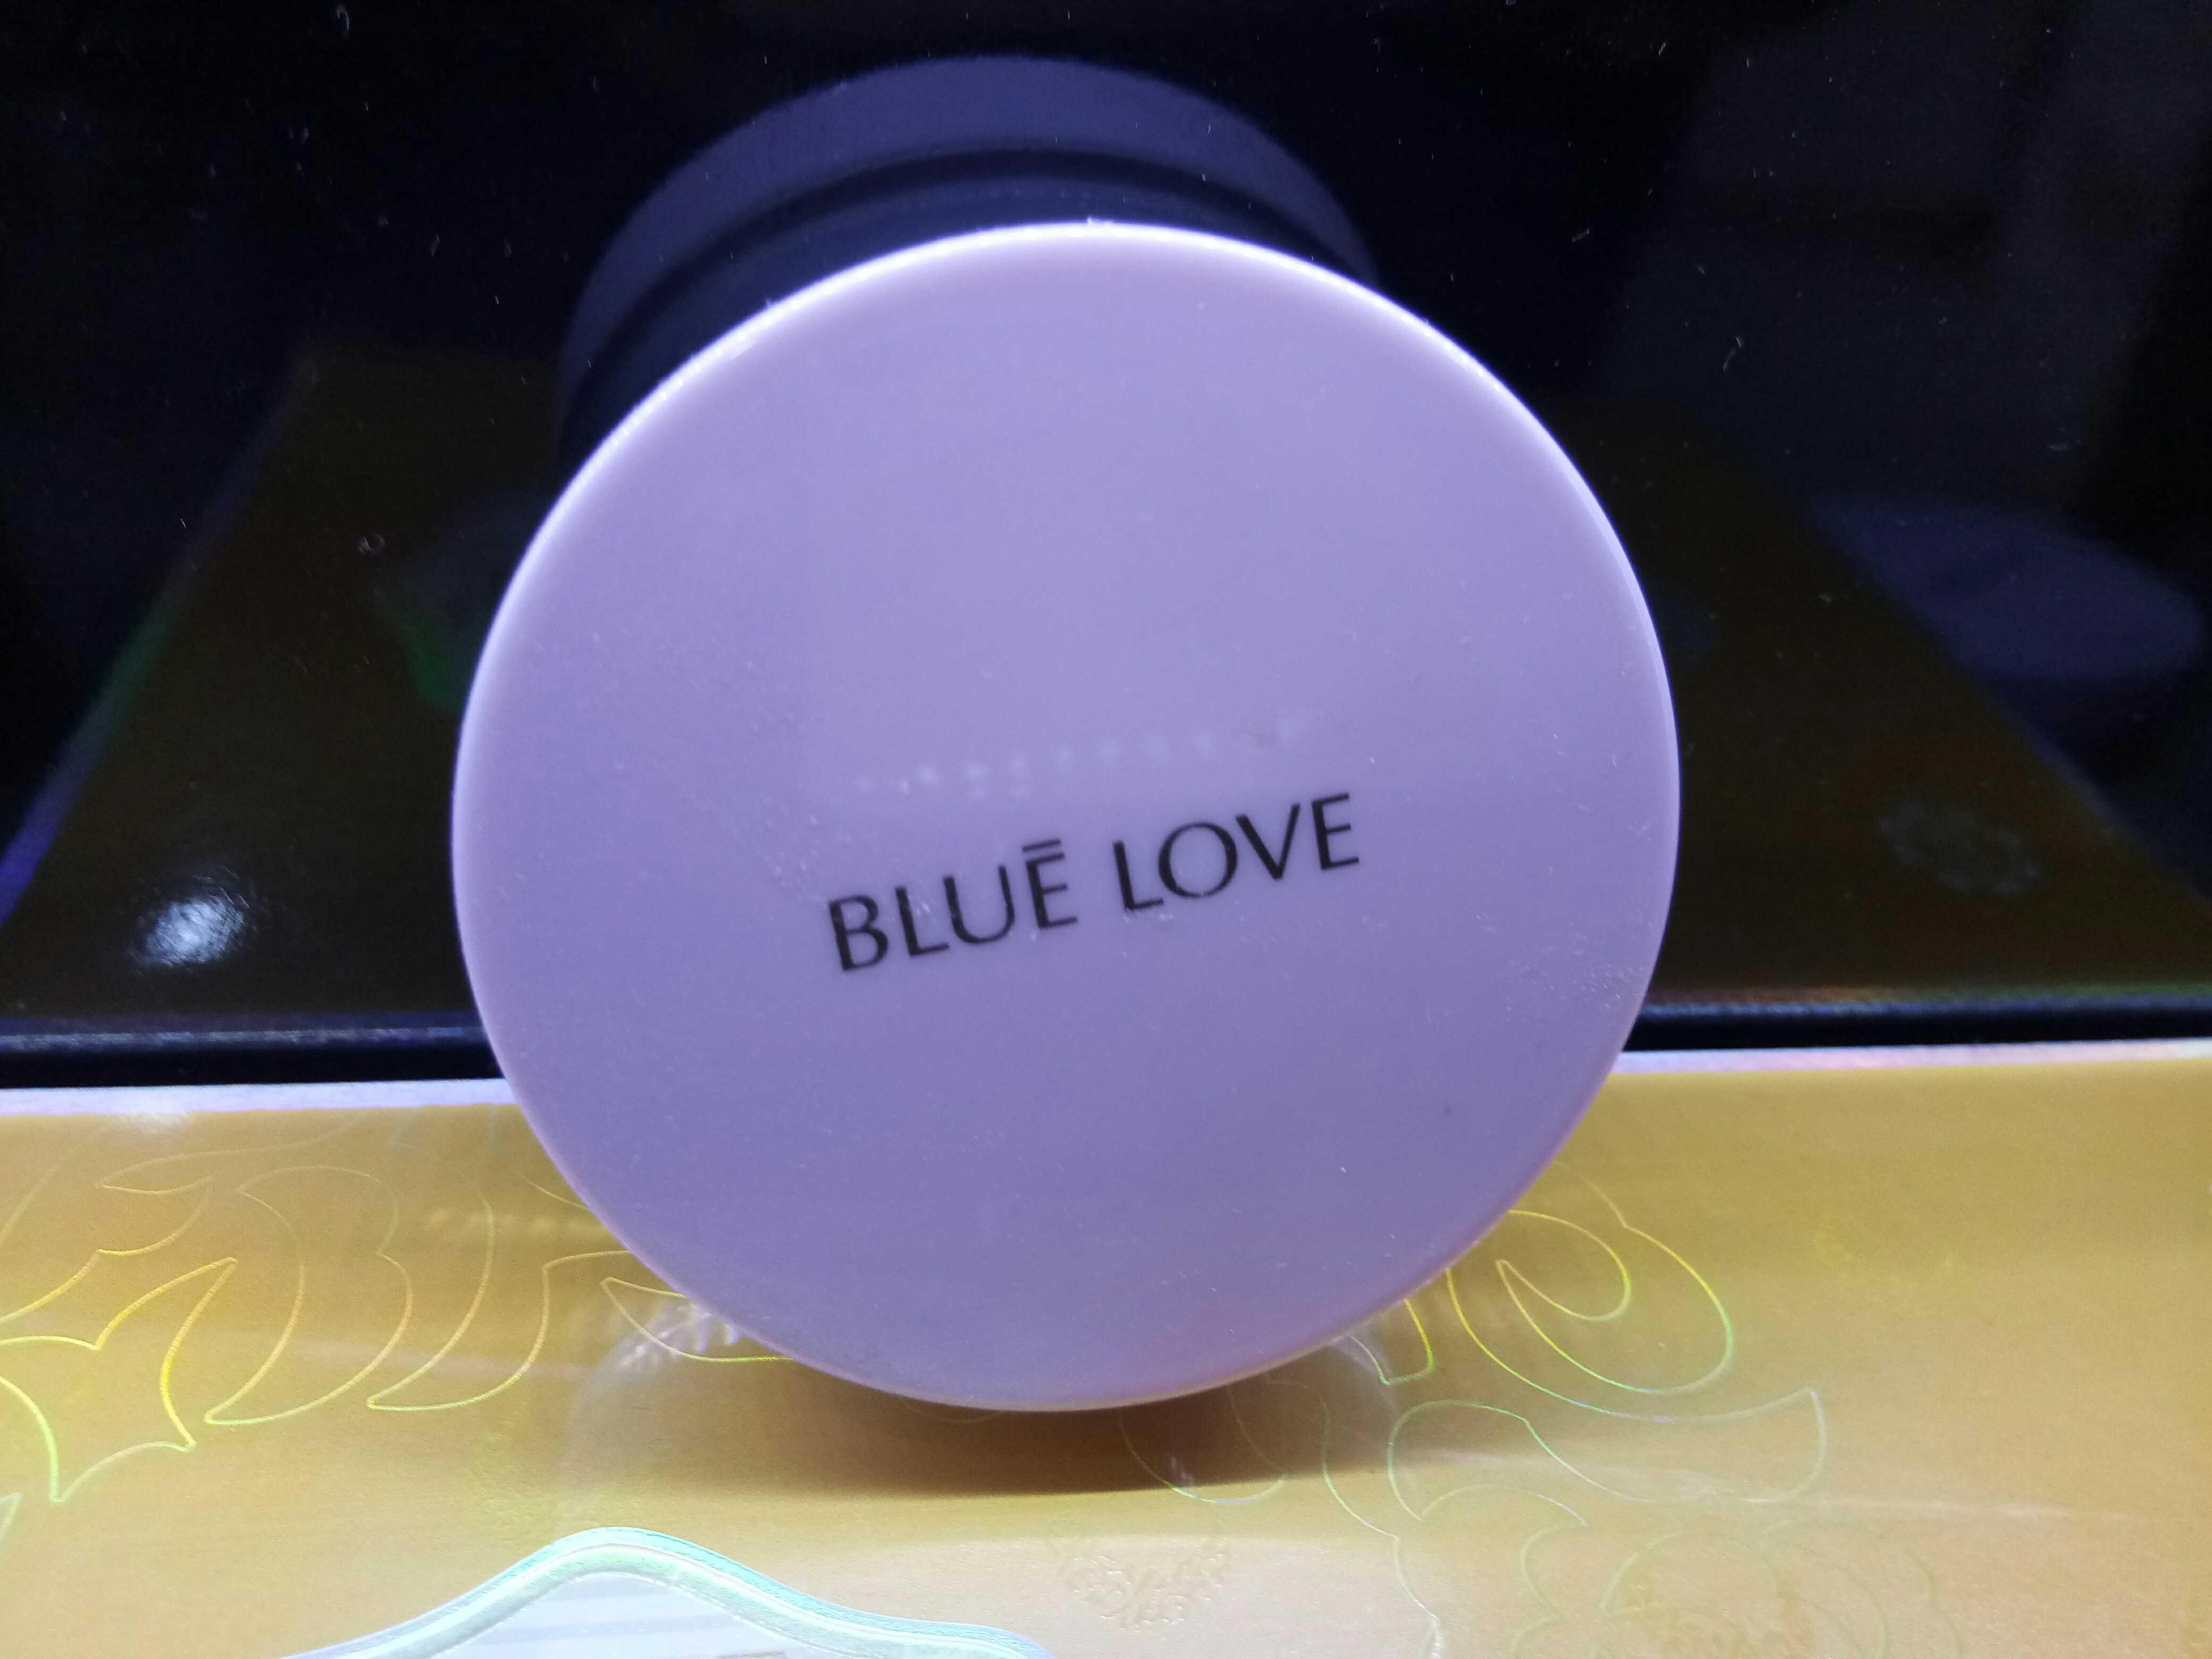 蓝色之恋专柜 自然修容蜜粉9g修颜定妆保湿控油散粉自然亮肤遮瑕